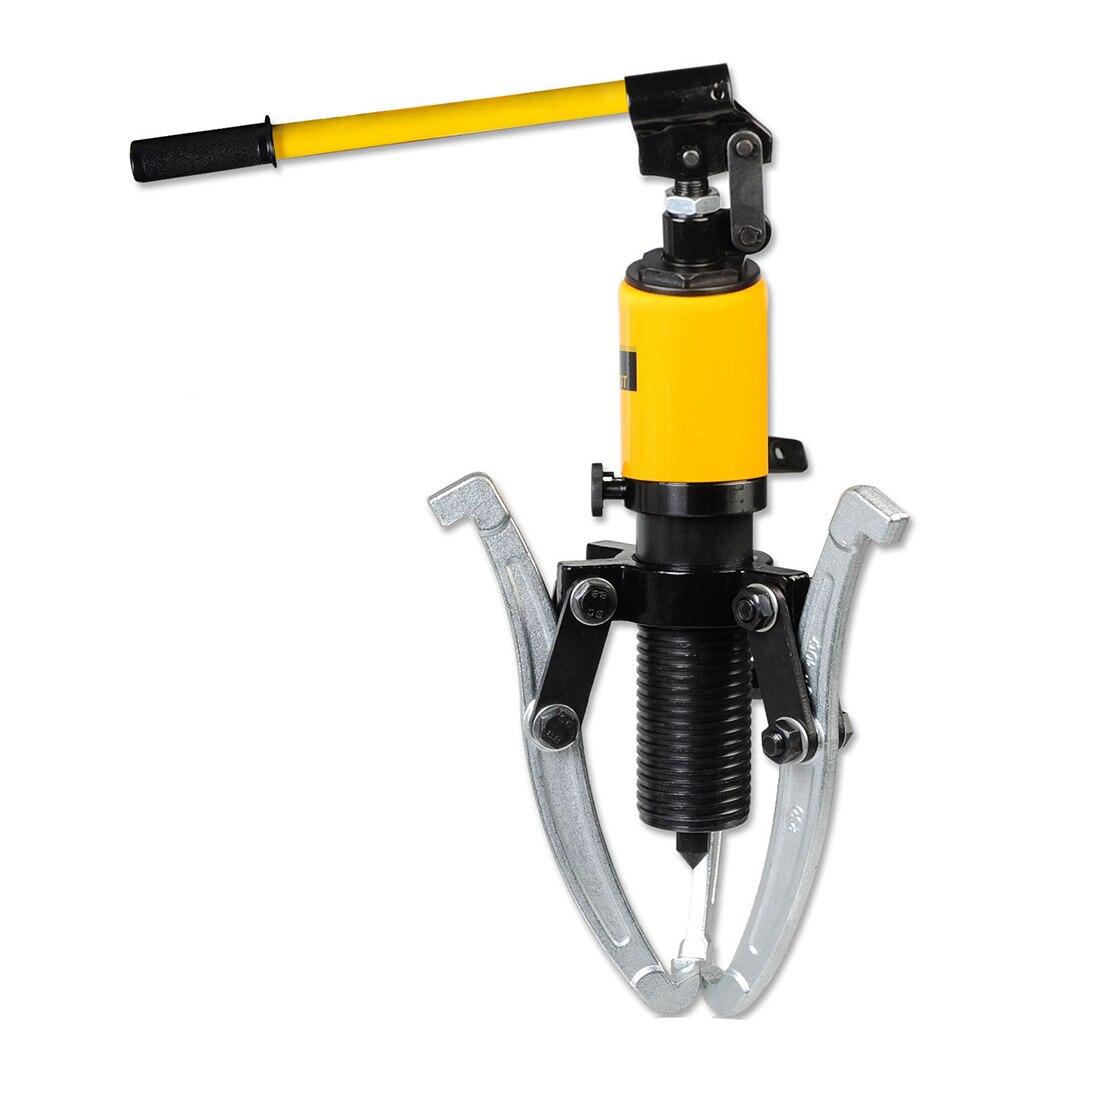 10 Ton Hydraulic Puller Bearing Hub Separator Garage Tool Set Kit professional common rail injector puller set diesel engine garage tool set t10055 tdi